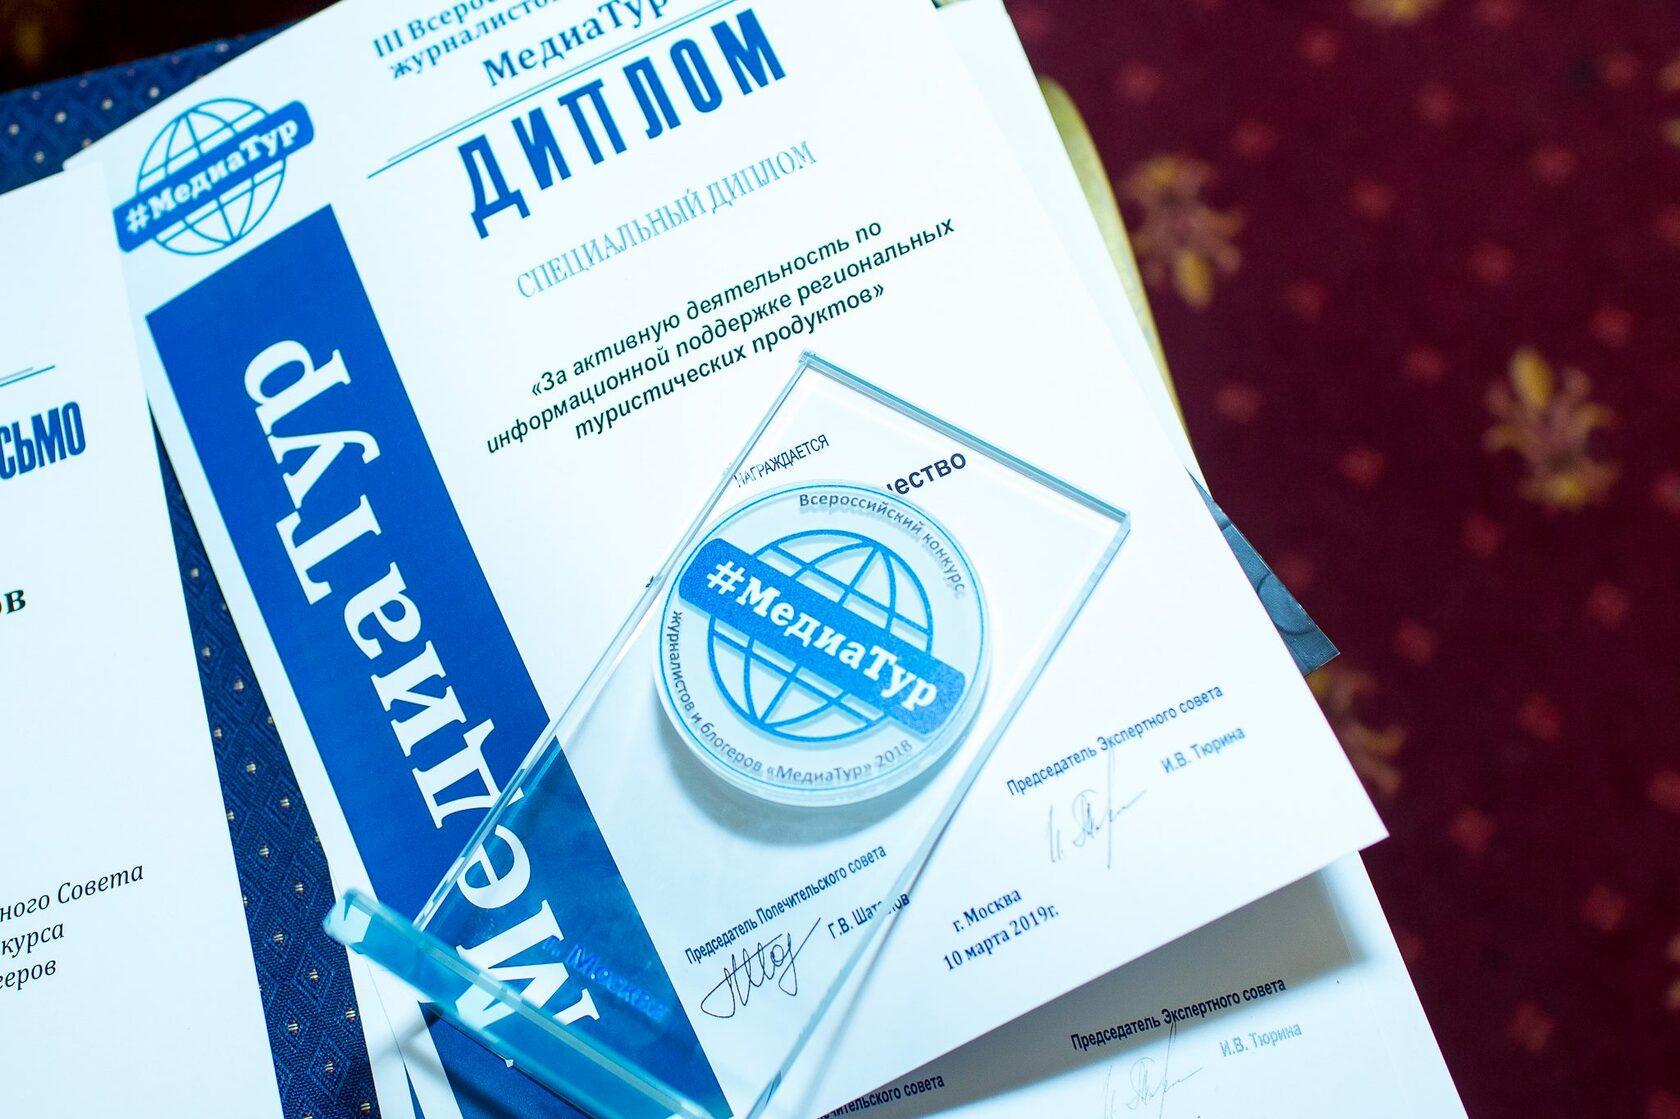 Специальные призы от сообщества «Travel-Russia» для Всероссийского конкурса «МедиаТур» конкурс,туриндустрия,#ПораПутешествоватьПоРоссии,Интурмаркет